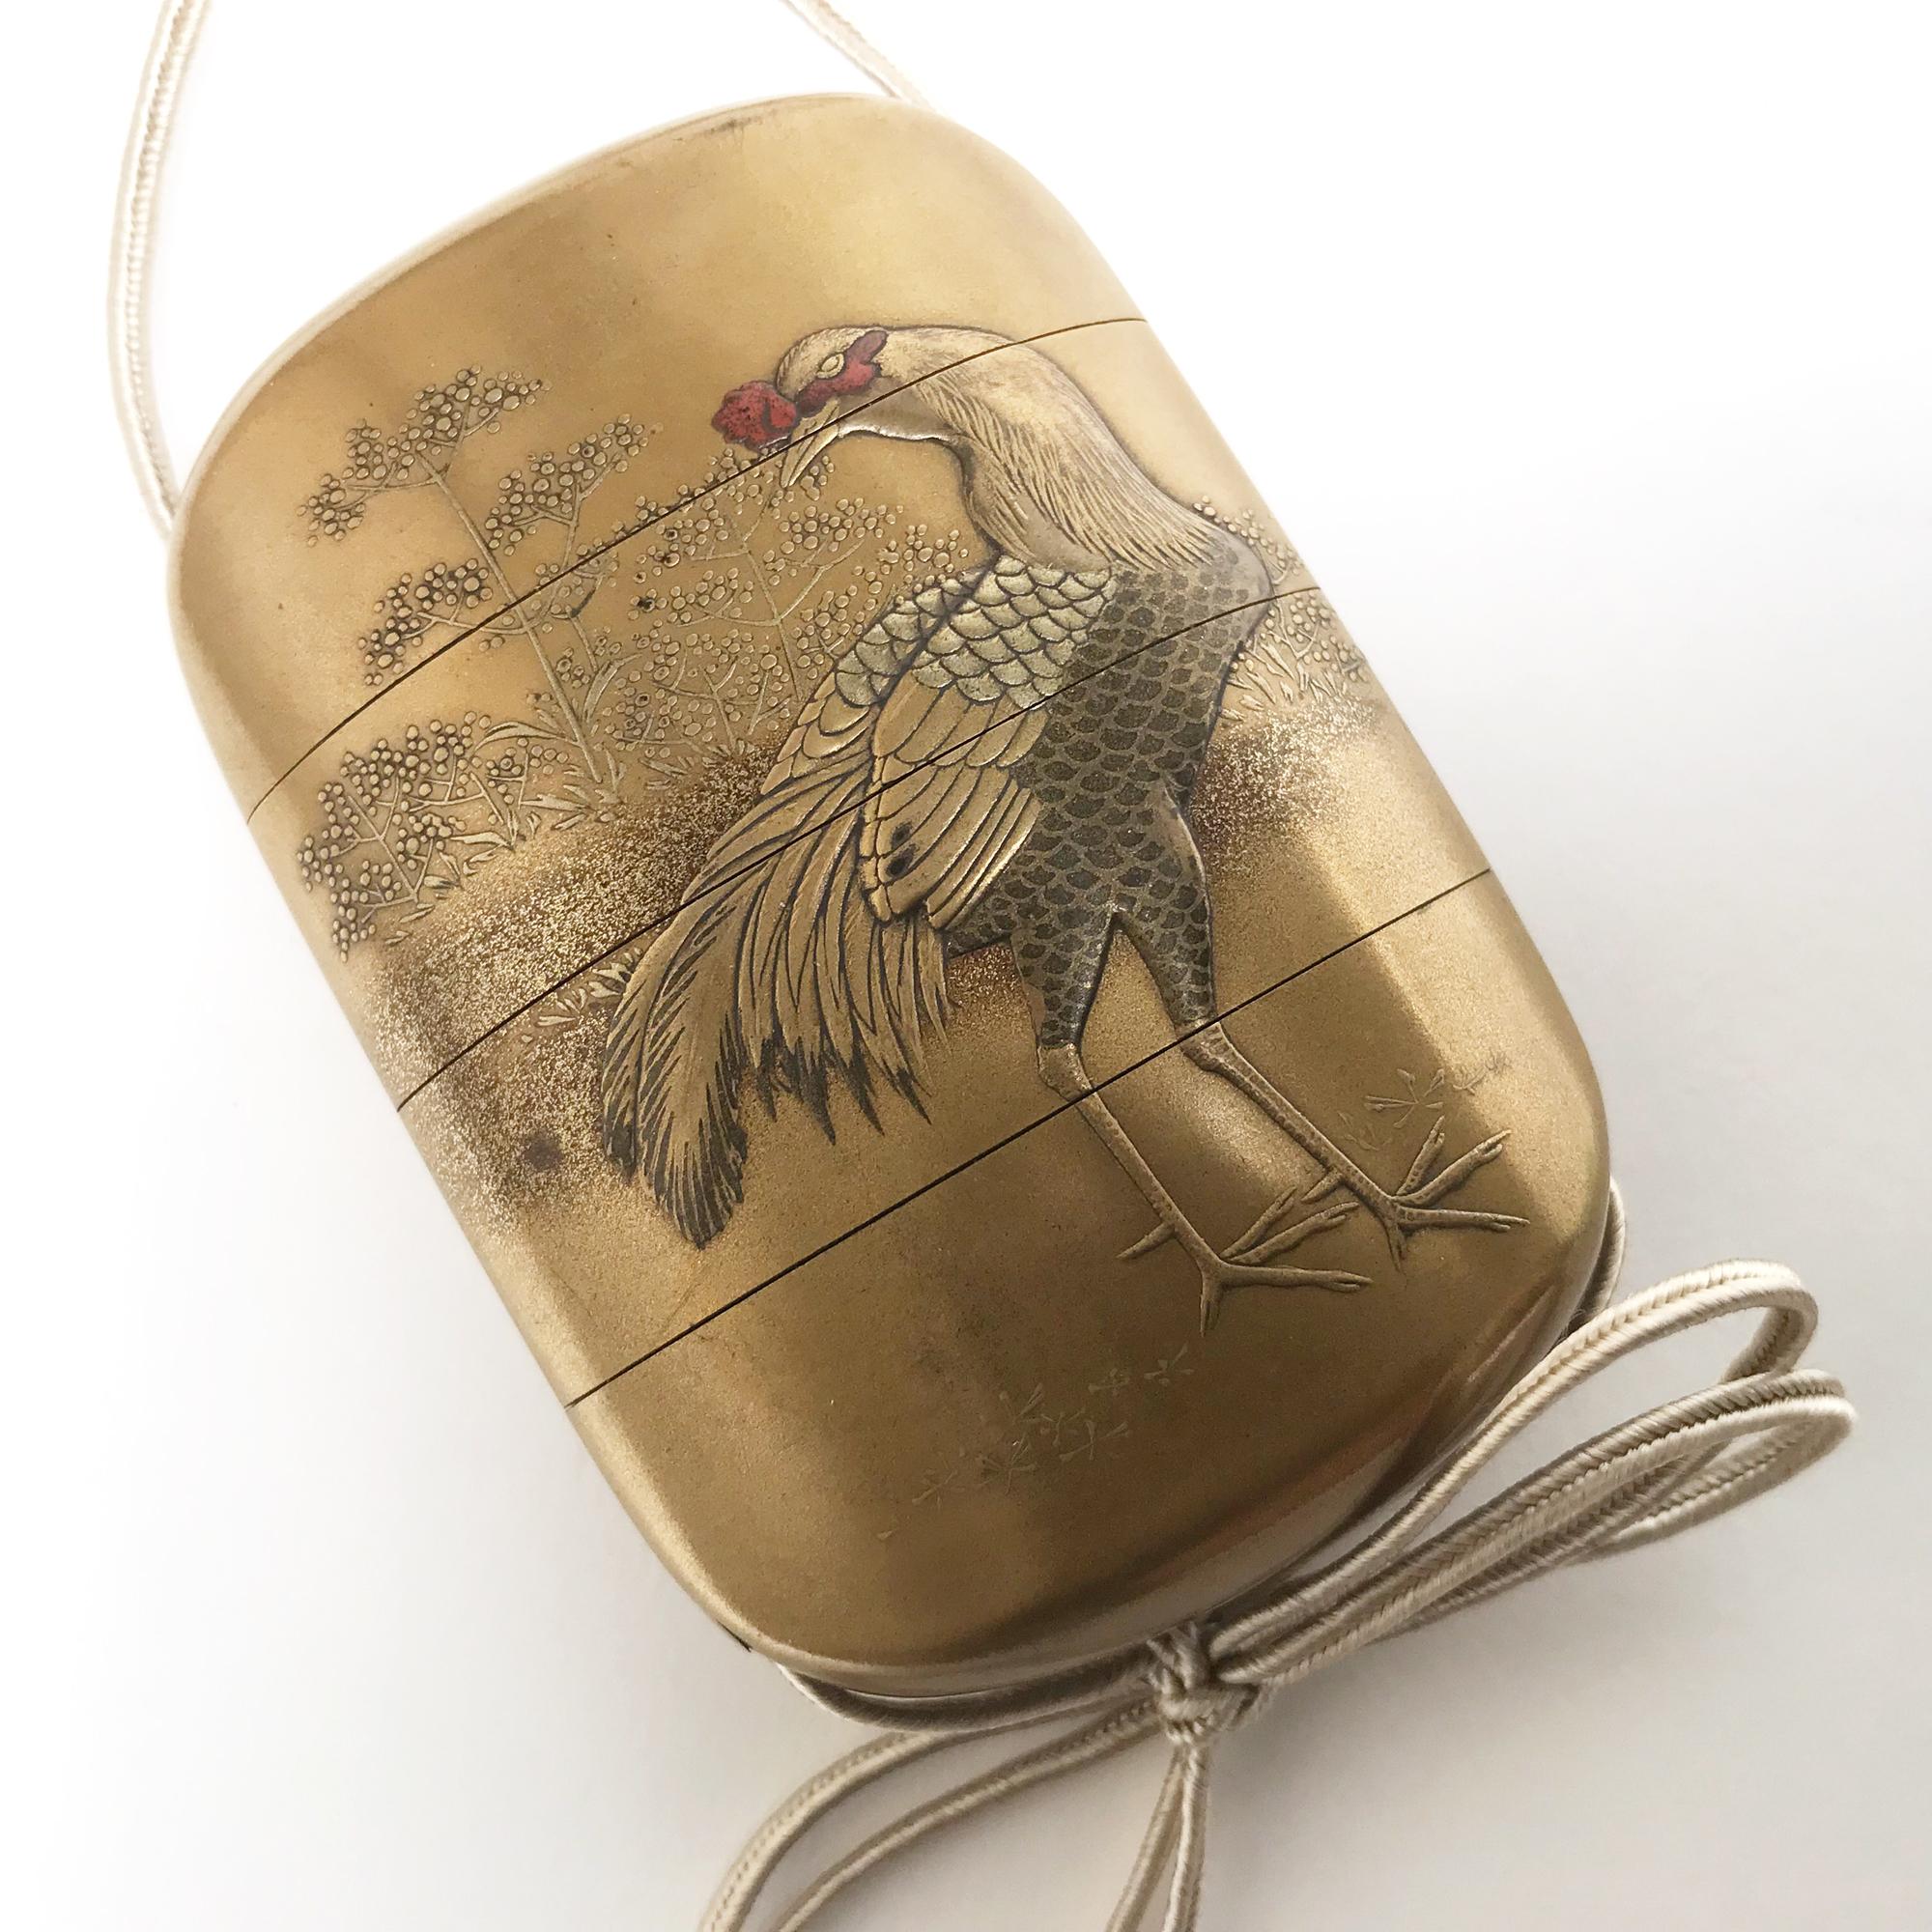 VENDu / SOLD Inro en laque d'or, Japon, fin de l'époque Edo, milieu du 19ème siècle